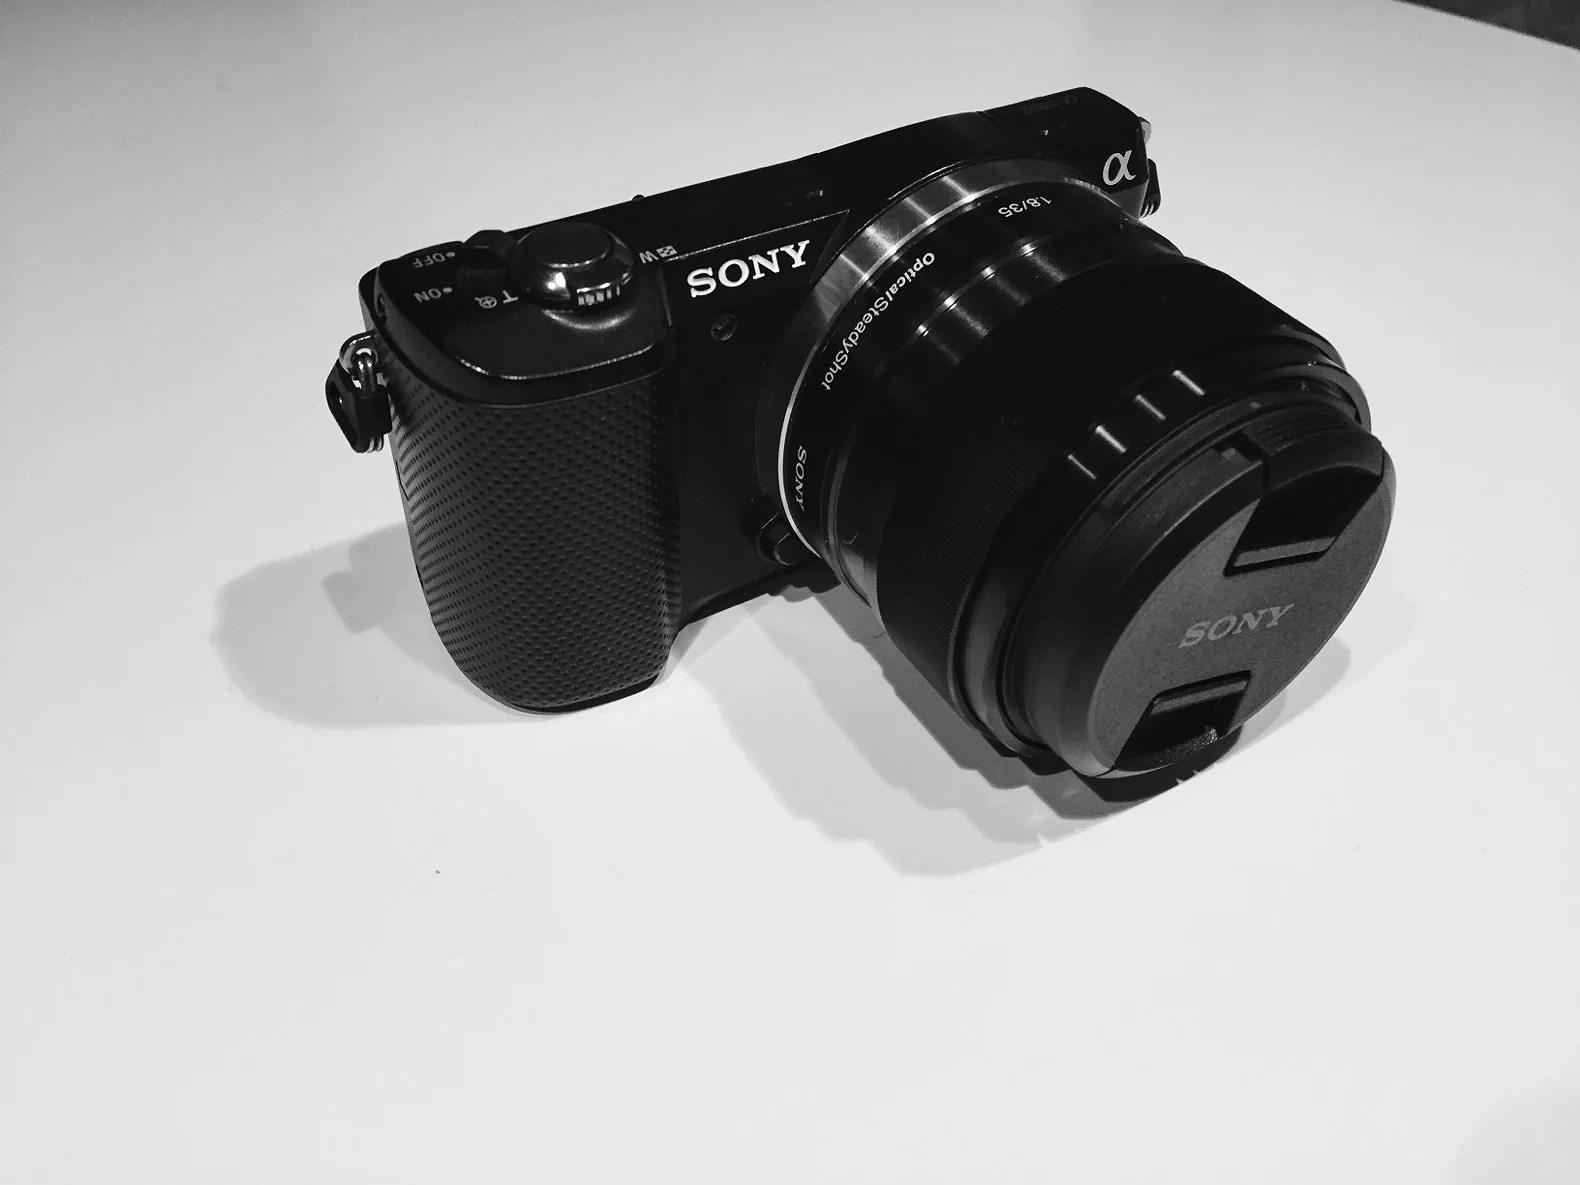 Sony E 35 1,8 OSS